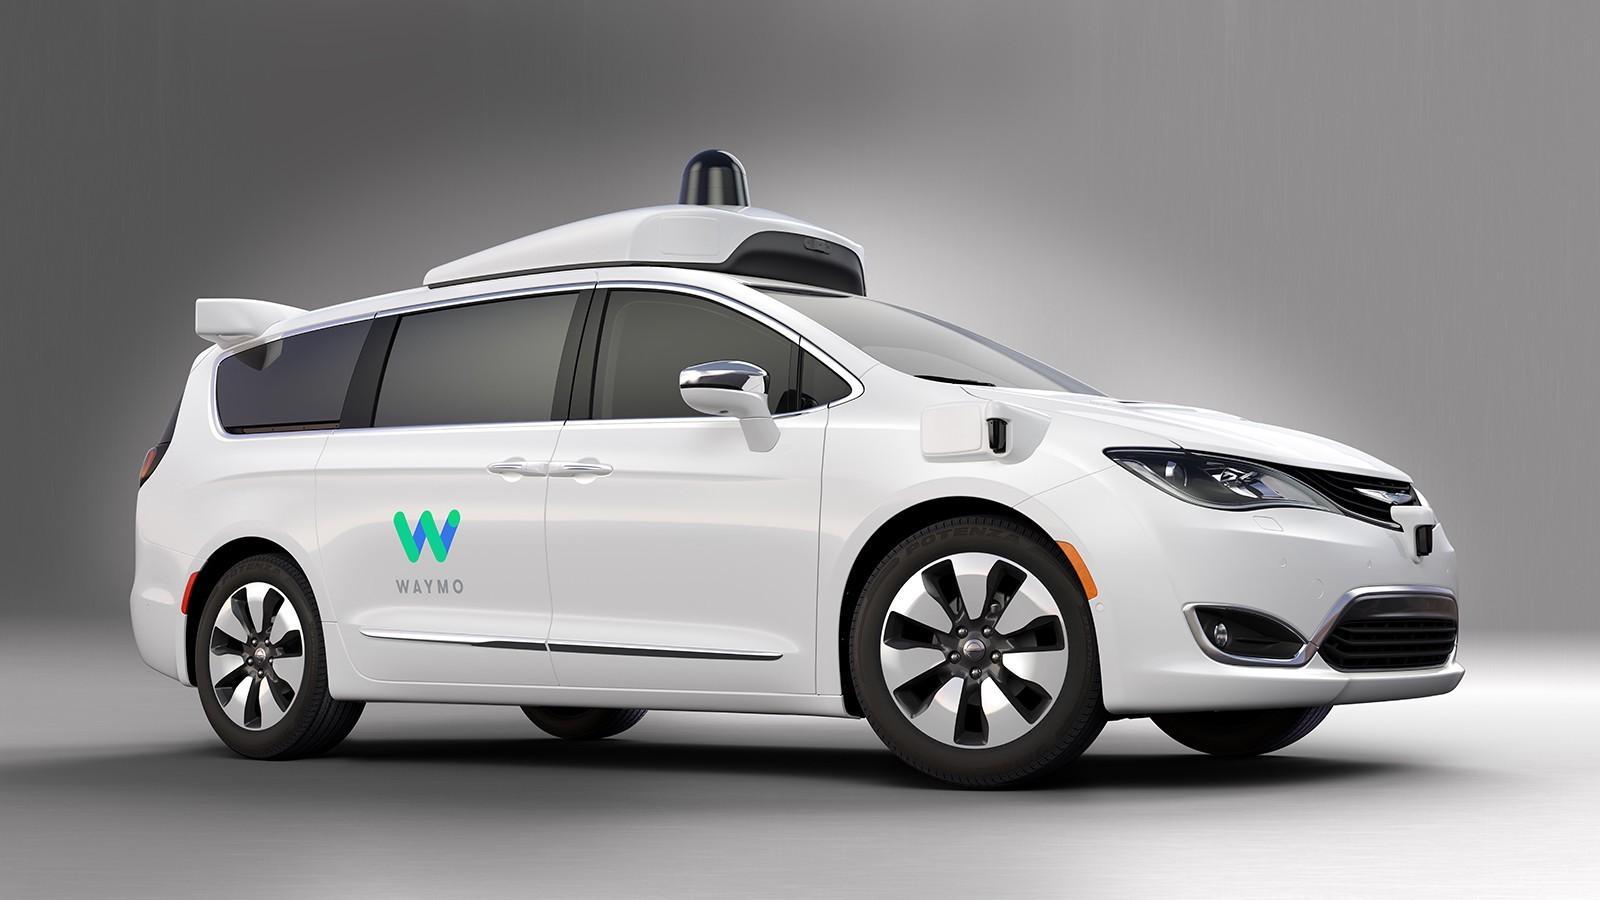 谷歌无人驾驶汽车项目真浪费先发优势了吗?